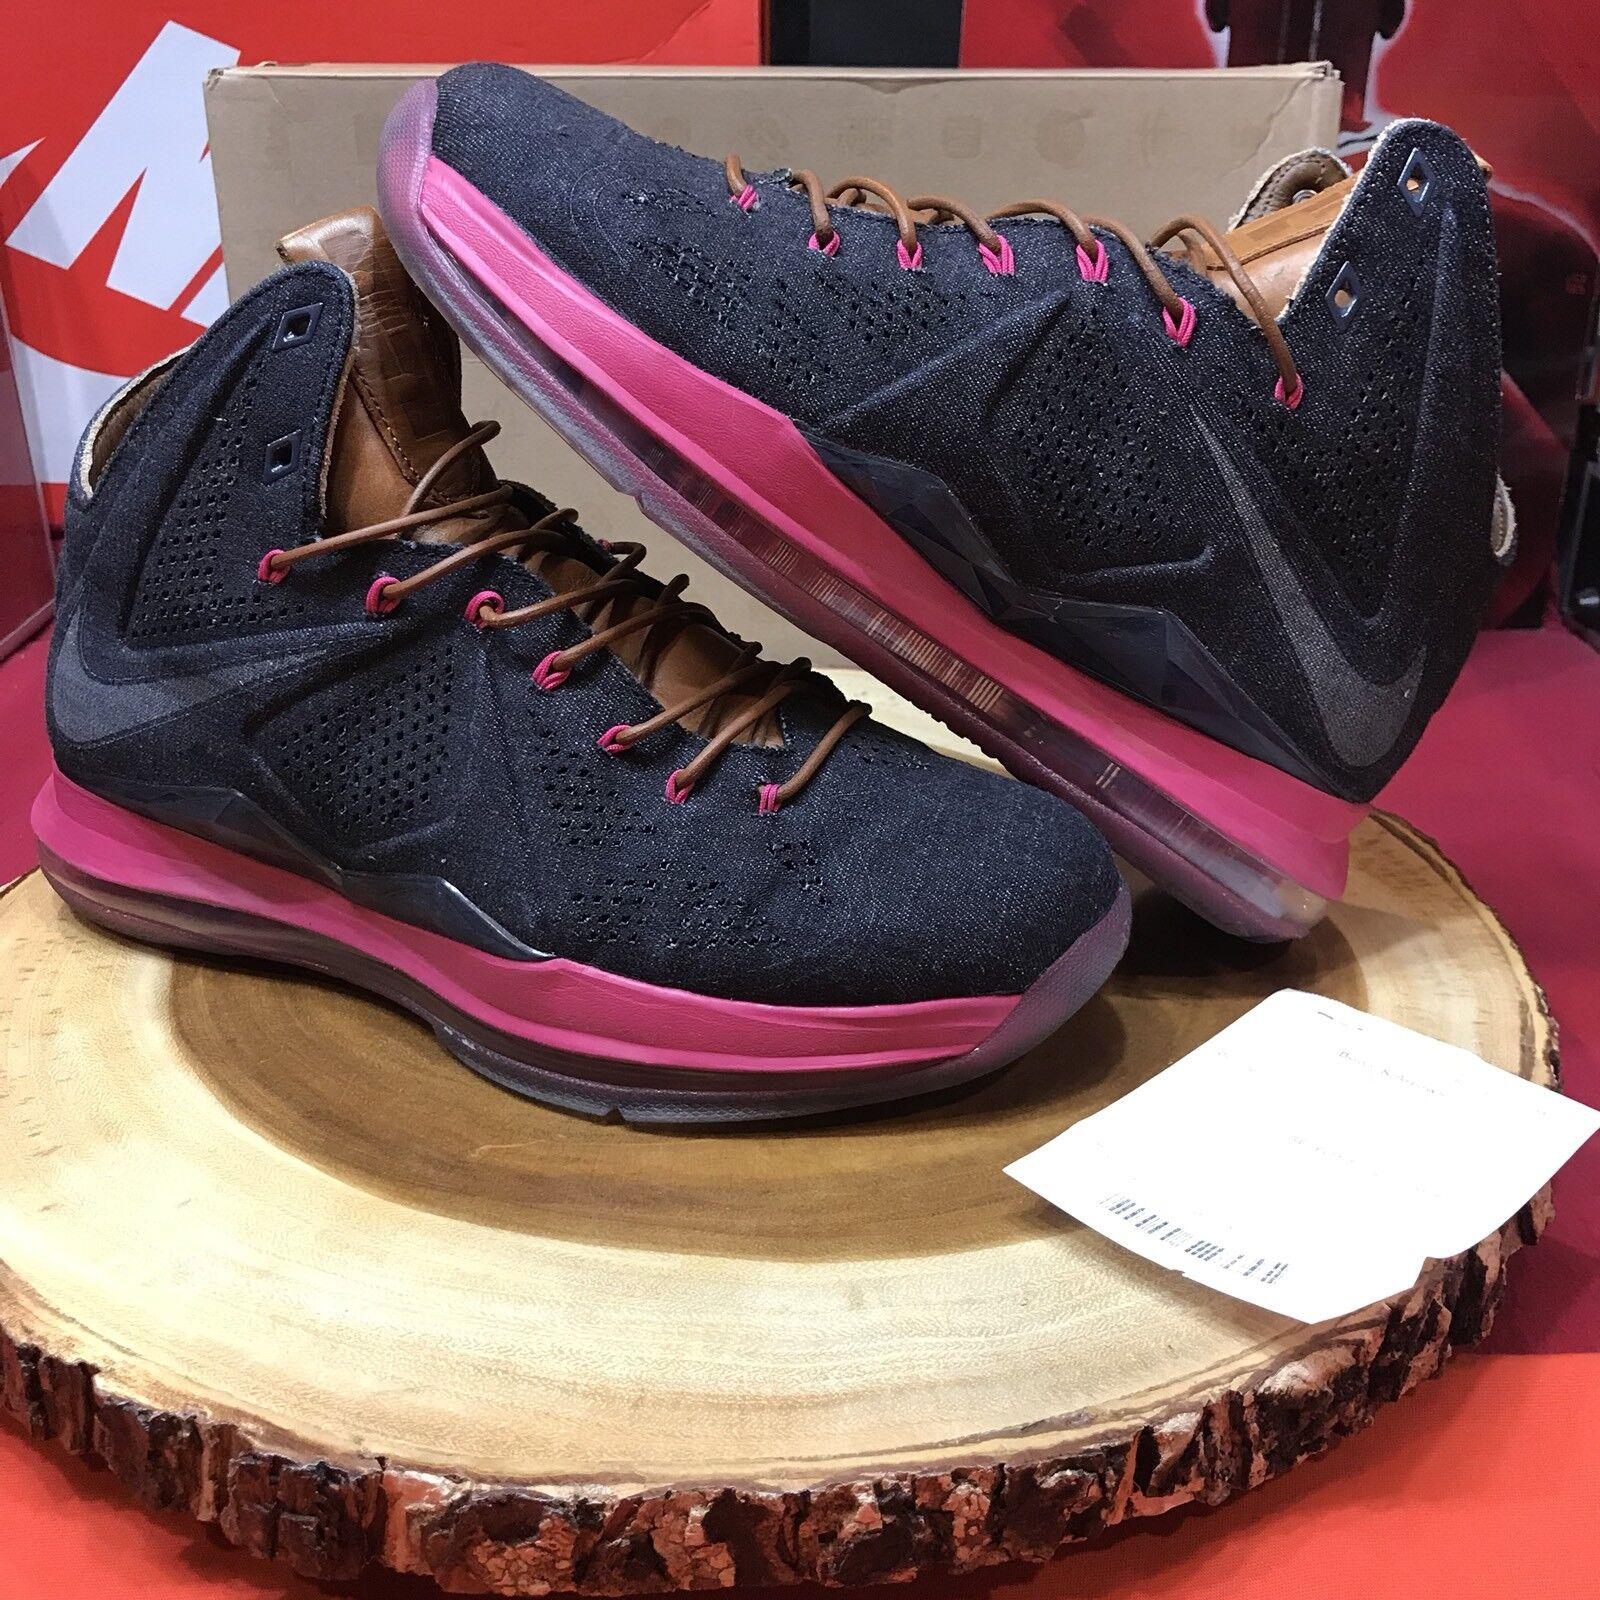 Nike lebron x ext livello denim mezzanotte marina fireberry nocciola taglia 9 597806-400 ix